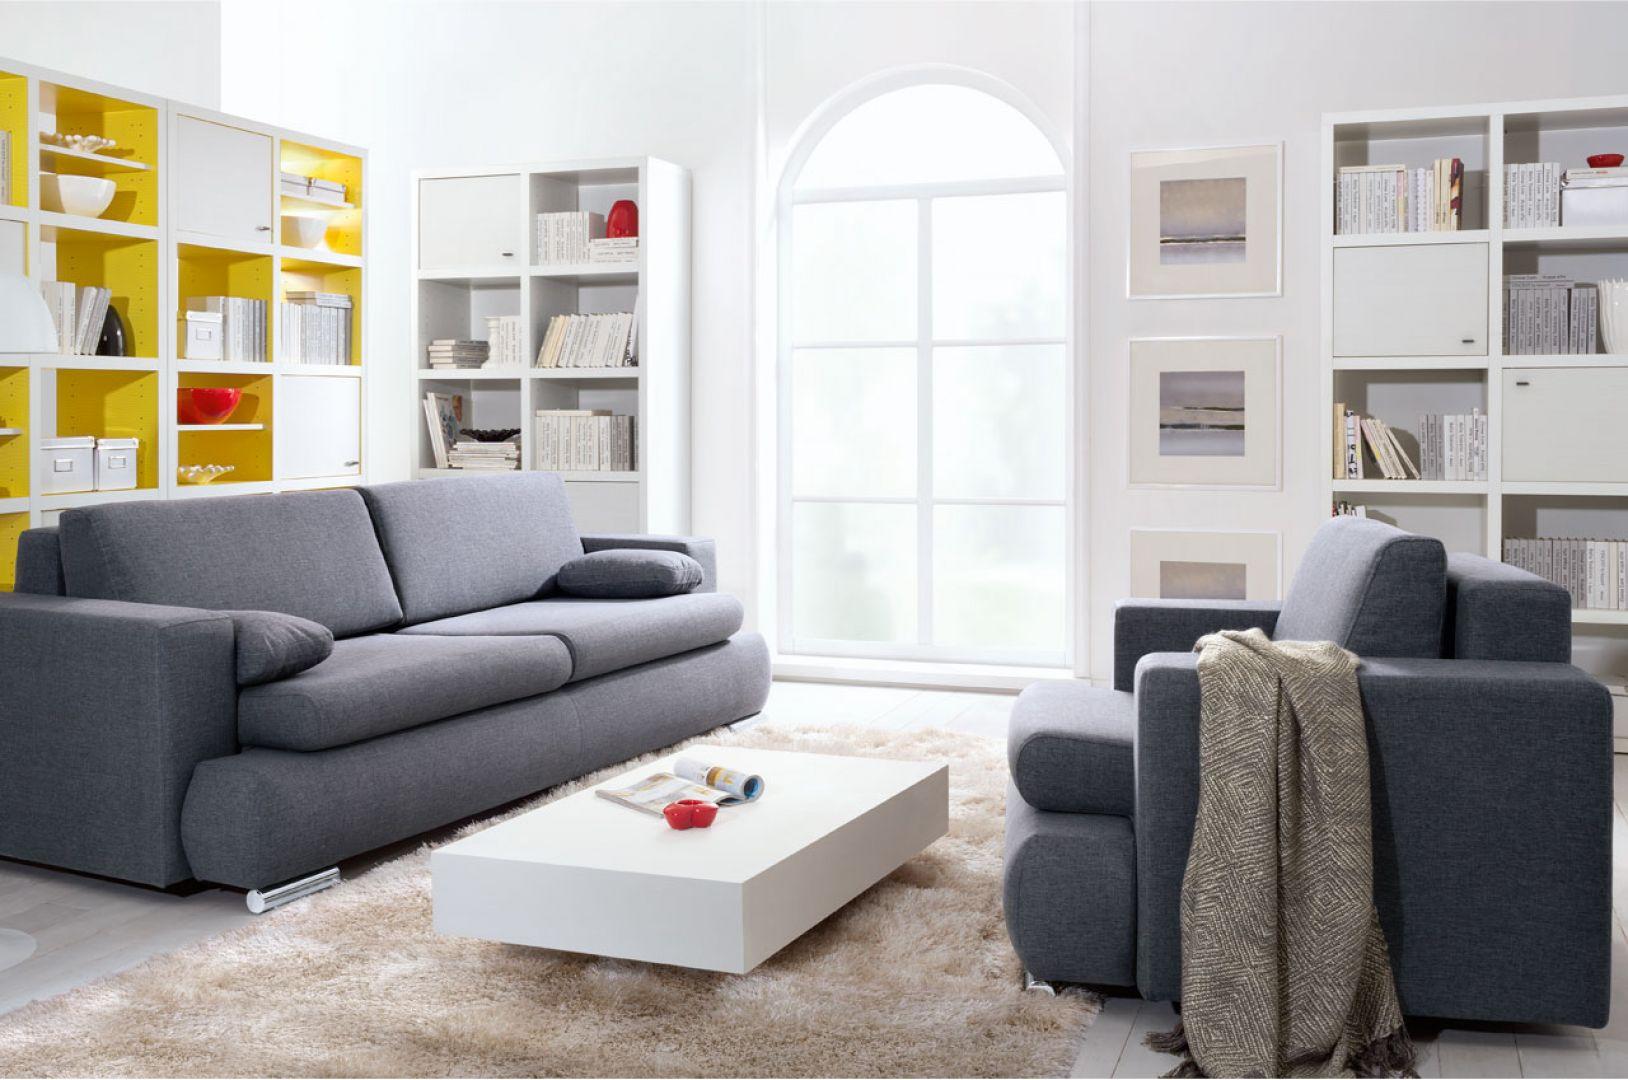 Sofa Enzo, w modnej szarej kolorystyce. Ma obłe kształty, przez co prezentuje się bardzo przytulnie. Fot. Black Red White